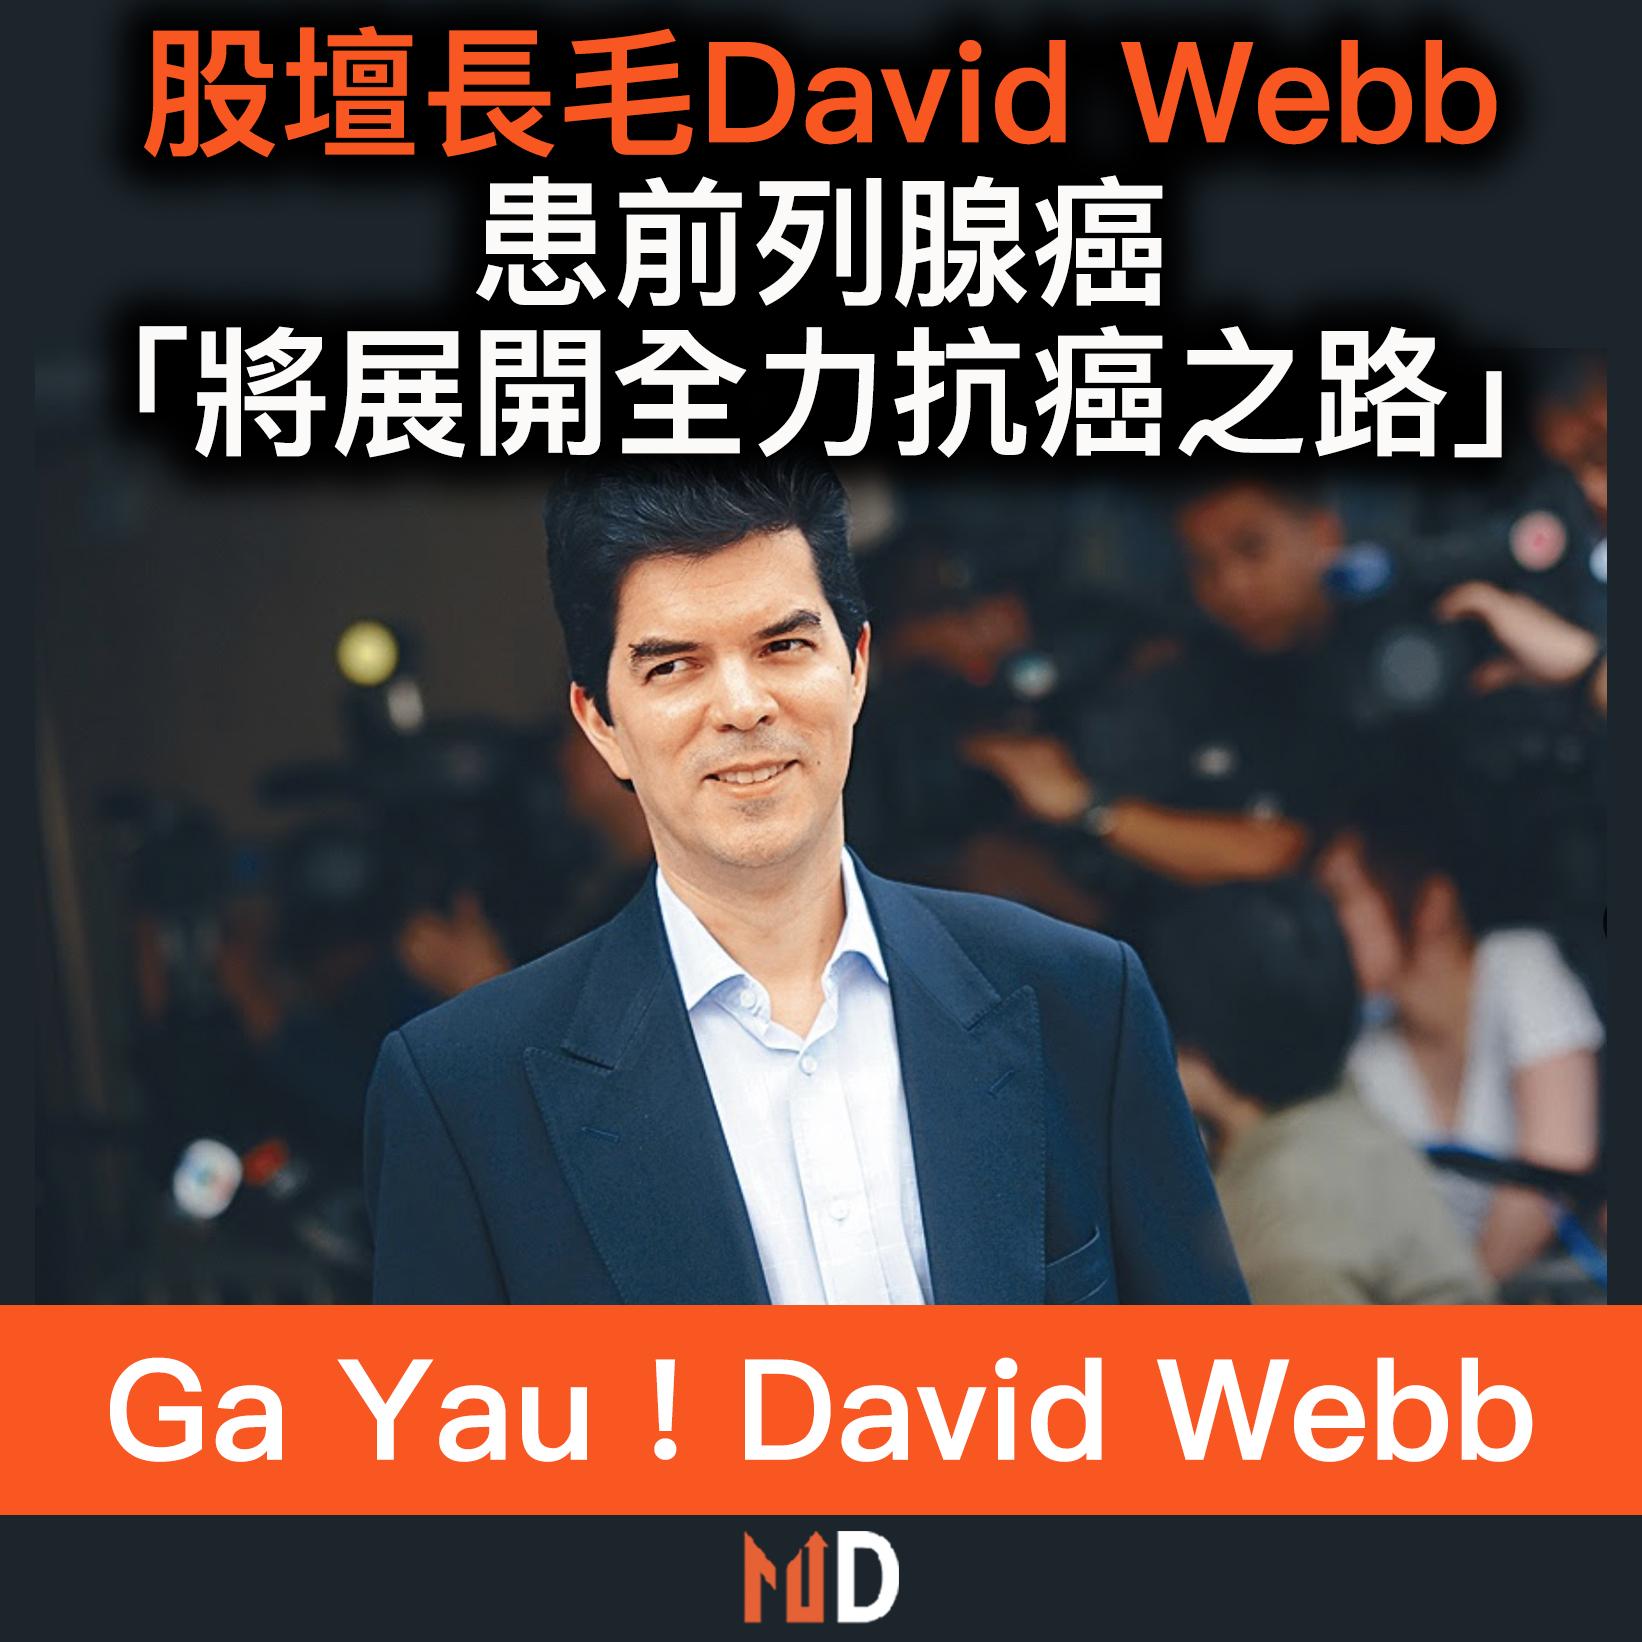 【市場熱話】股壇長毛David Webb患上前列腺癌,「將展開全力抗癌之路」